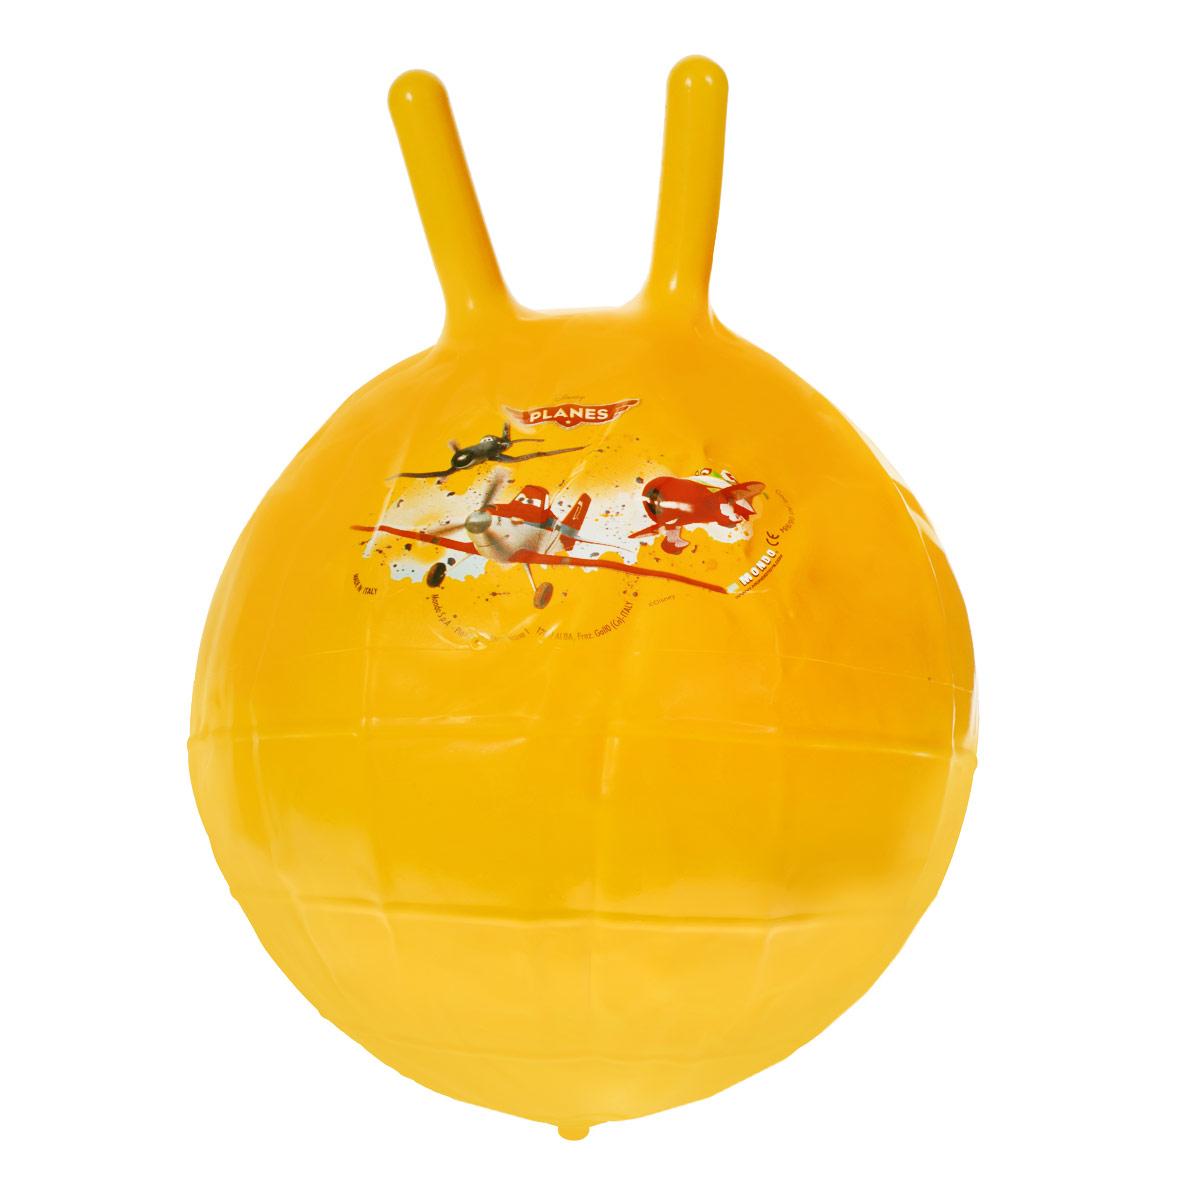 Мяч - попрыгунчик Самолеты, диаметр 50 см06/984Надувной мяч-попрыгунчик от итальянского бренда Mondo, это не только детская игрушка, но и полезный тренажер для вашего ребенка. Совместите приятное с полезным – пусть в процессе веселых игр ваш малыш укрепляет мышцы, формирует правильную осадку, разрабатывает подвижность рук и ног, и укрепляет вестибулярный аппарат. Мяч выполнен из высококачественных материалов и украшен изображениями самолетов - героями мультфильма Самолеты. Пусть ваш ребенок растет здоровым вместе с этим мячом!